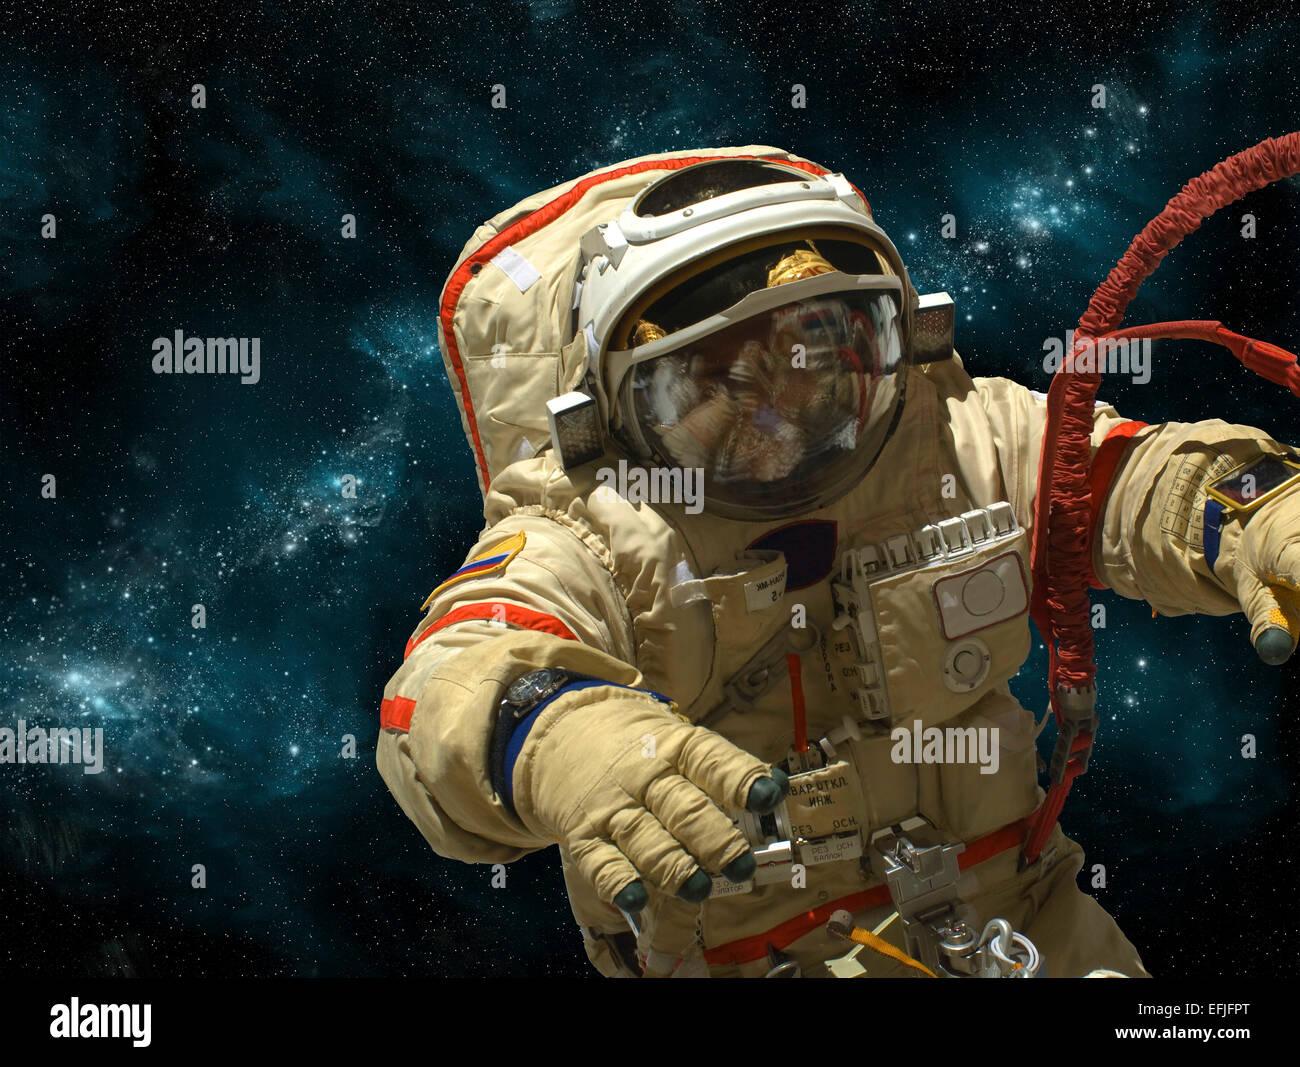 Ein Kosmonaut schwebt im Weltraum vor dem Hintergrund der Sterne und Nebel. Stockbild